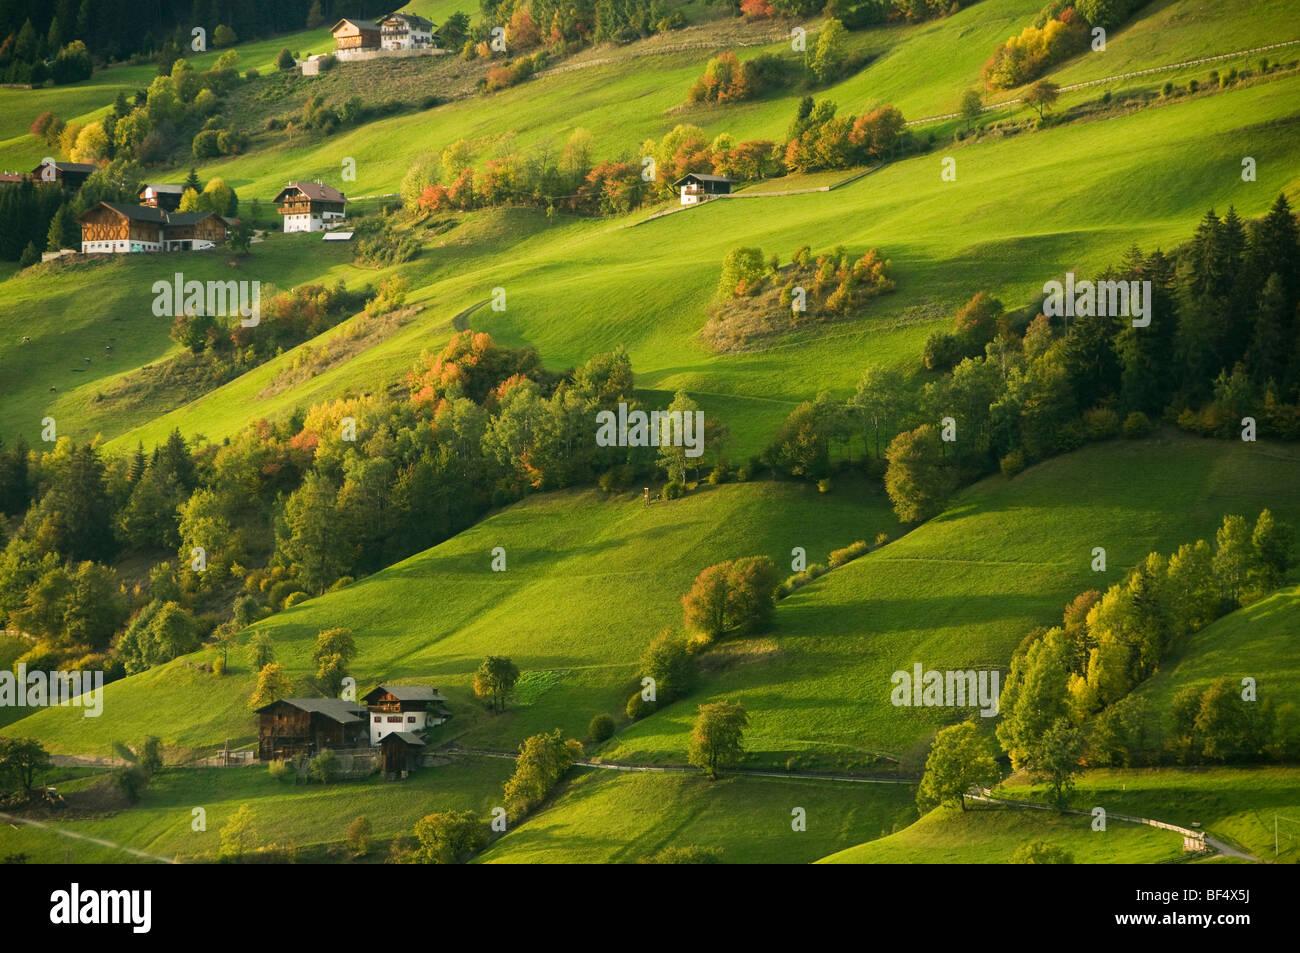 Case e fattorie, Val di Funes, Dolomiti, Trentino-Alto Adige, Italia Immagini Stock